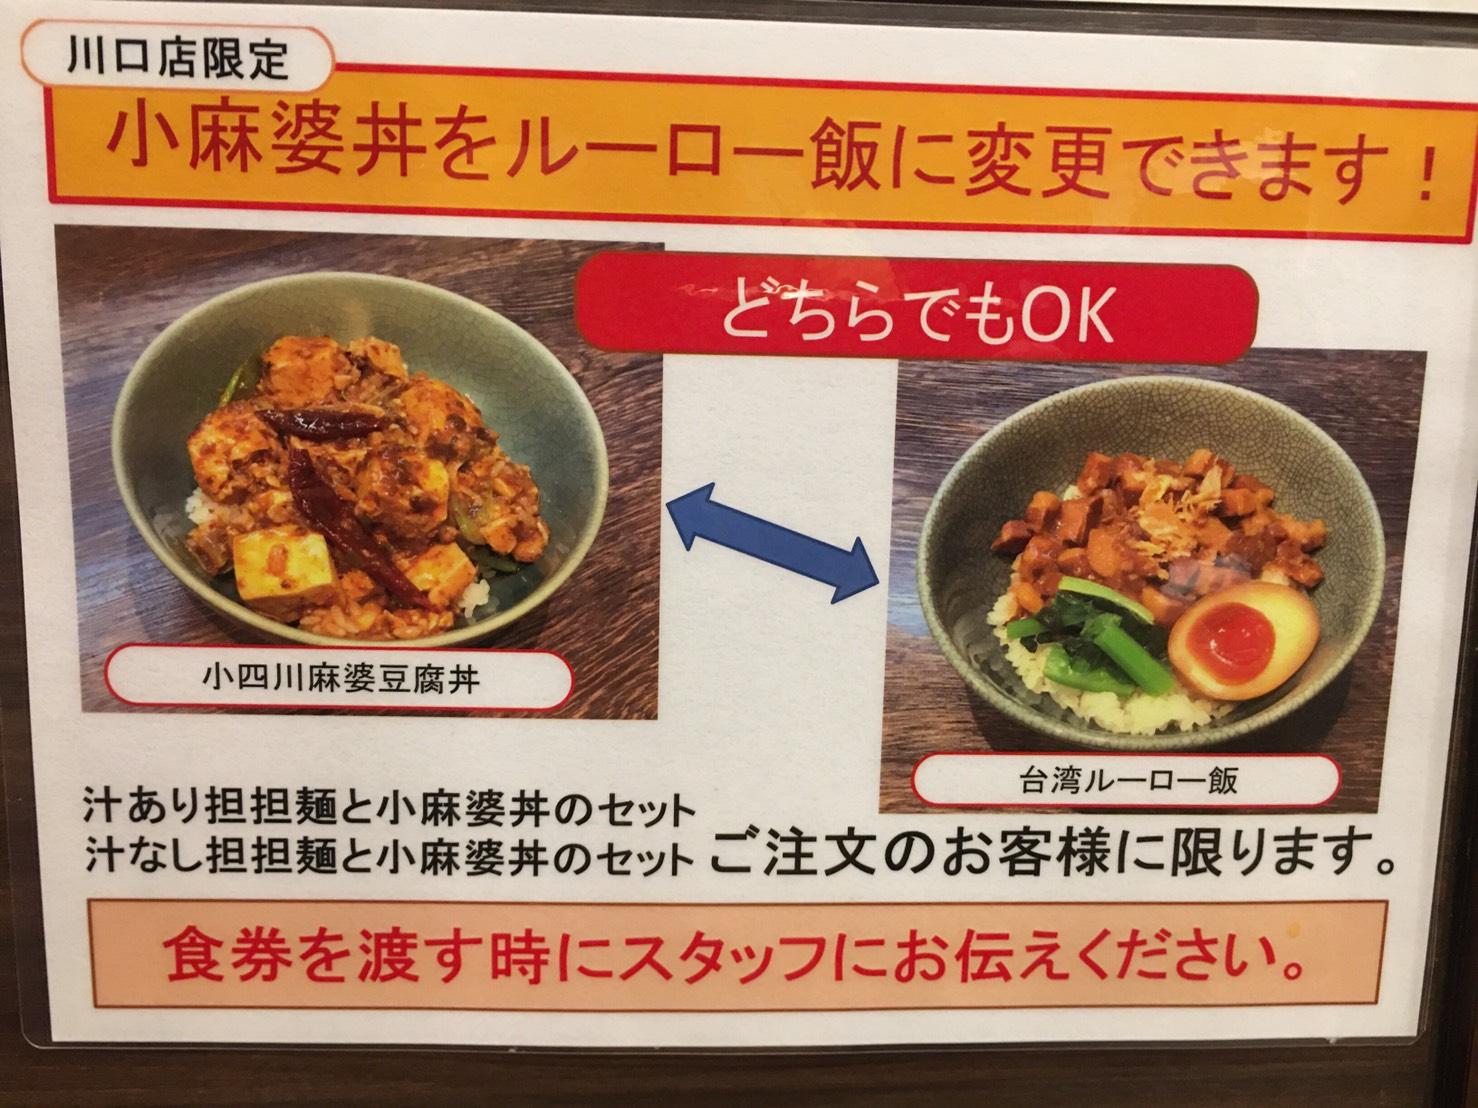 雲林坊 川口店限定サービス